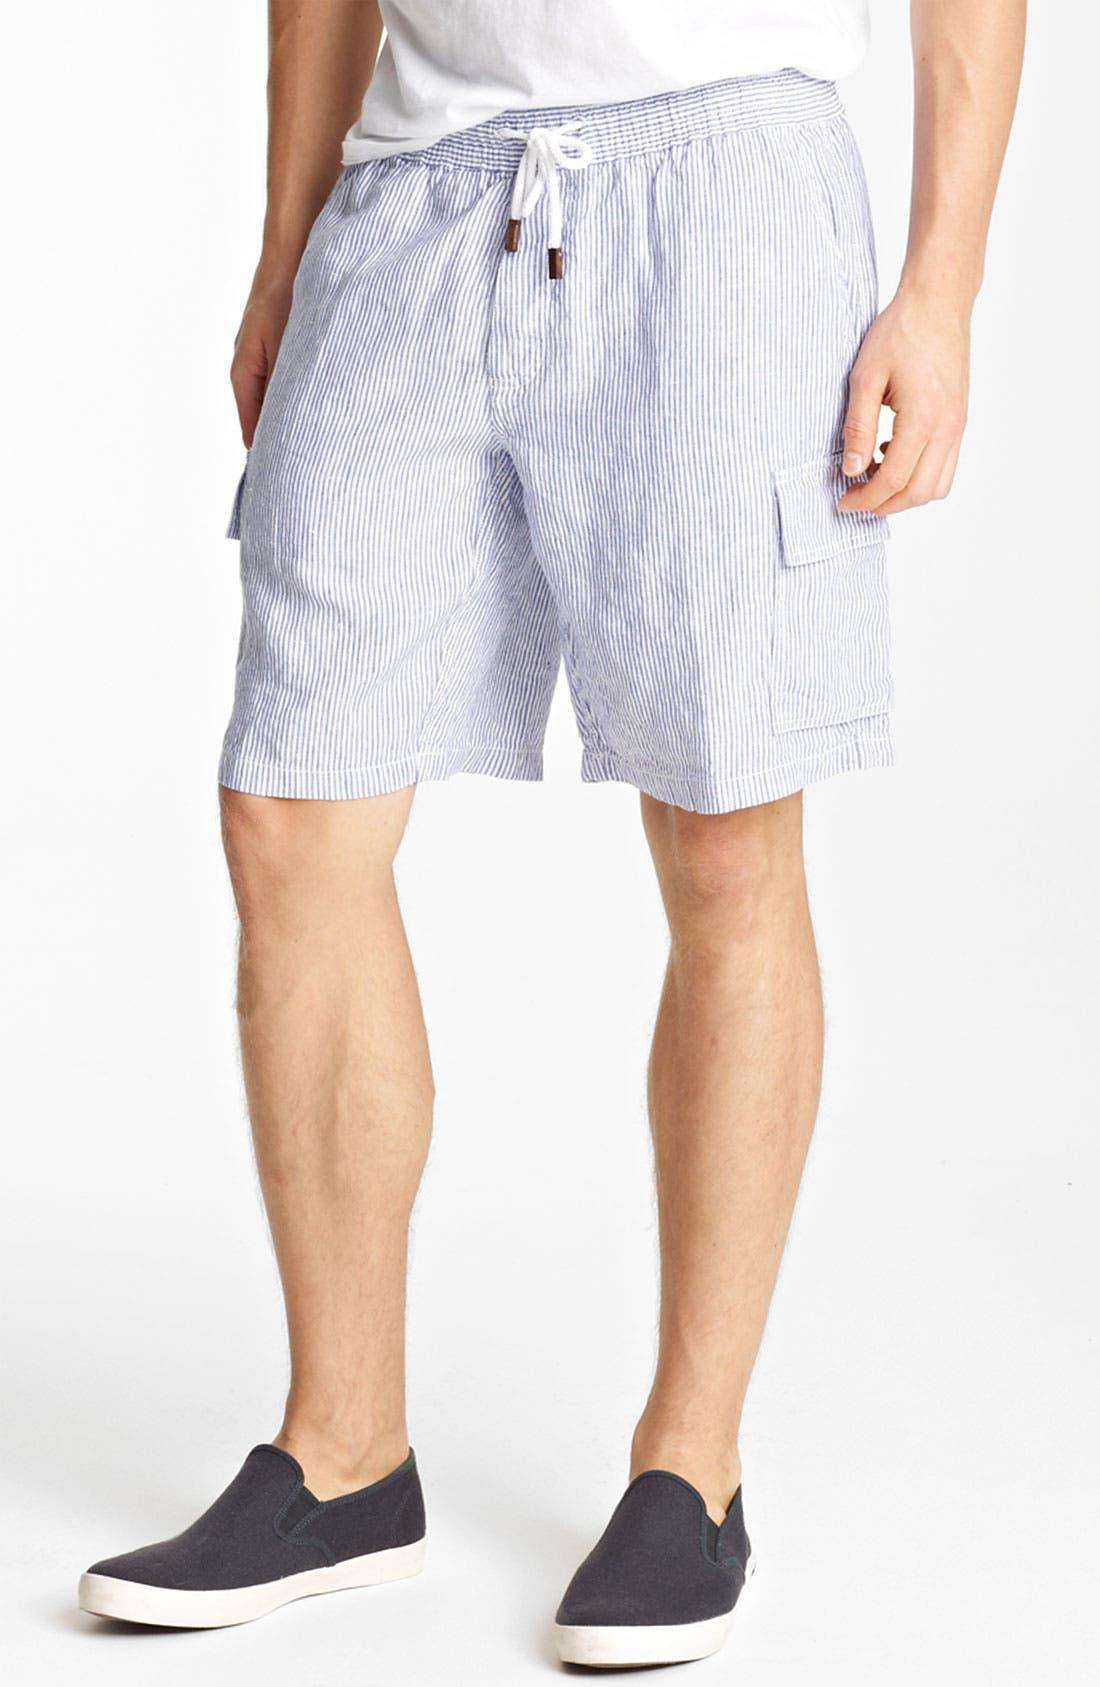 Alternate Image 1 Selected - Vilebrequin Seersucker Linen Cargo Shorts